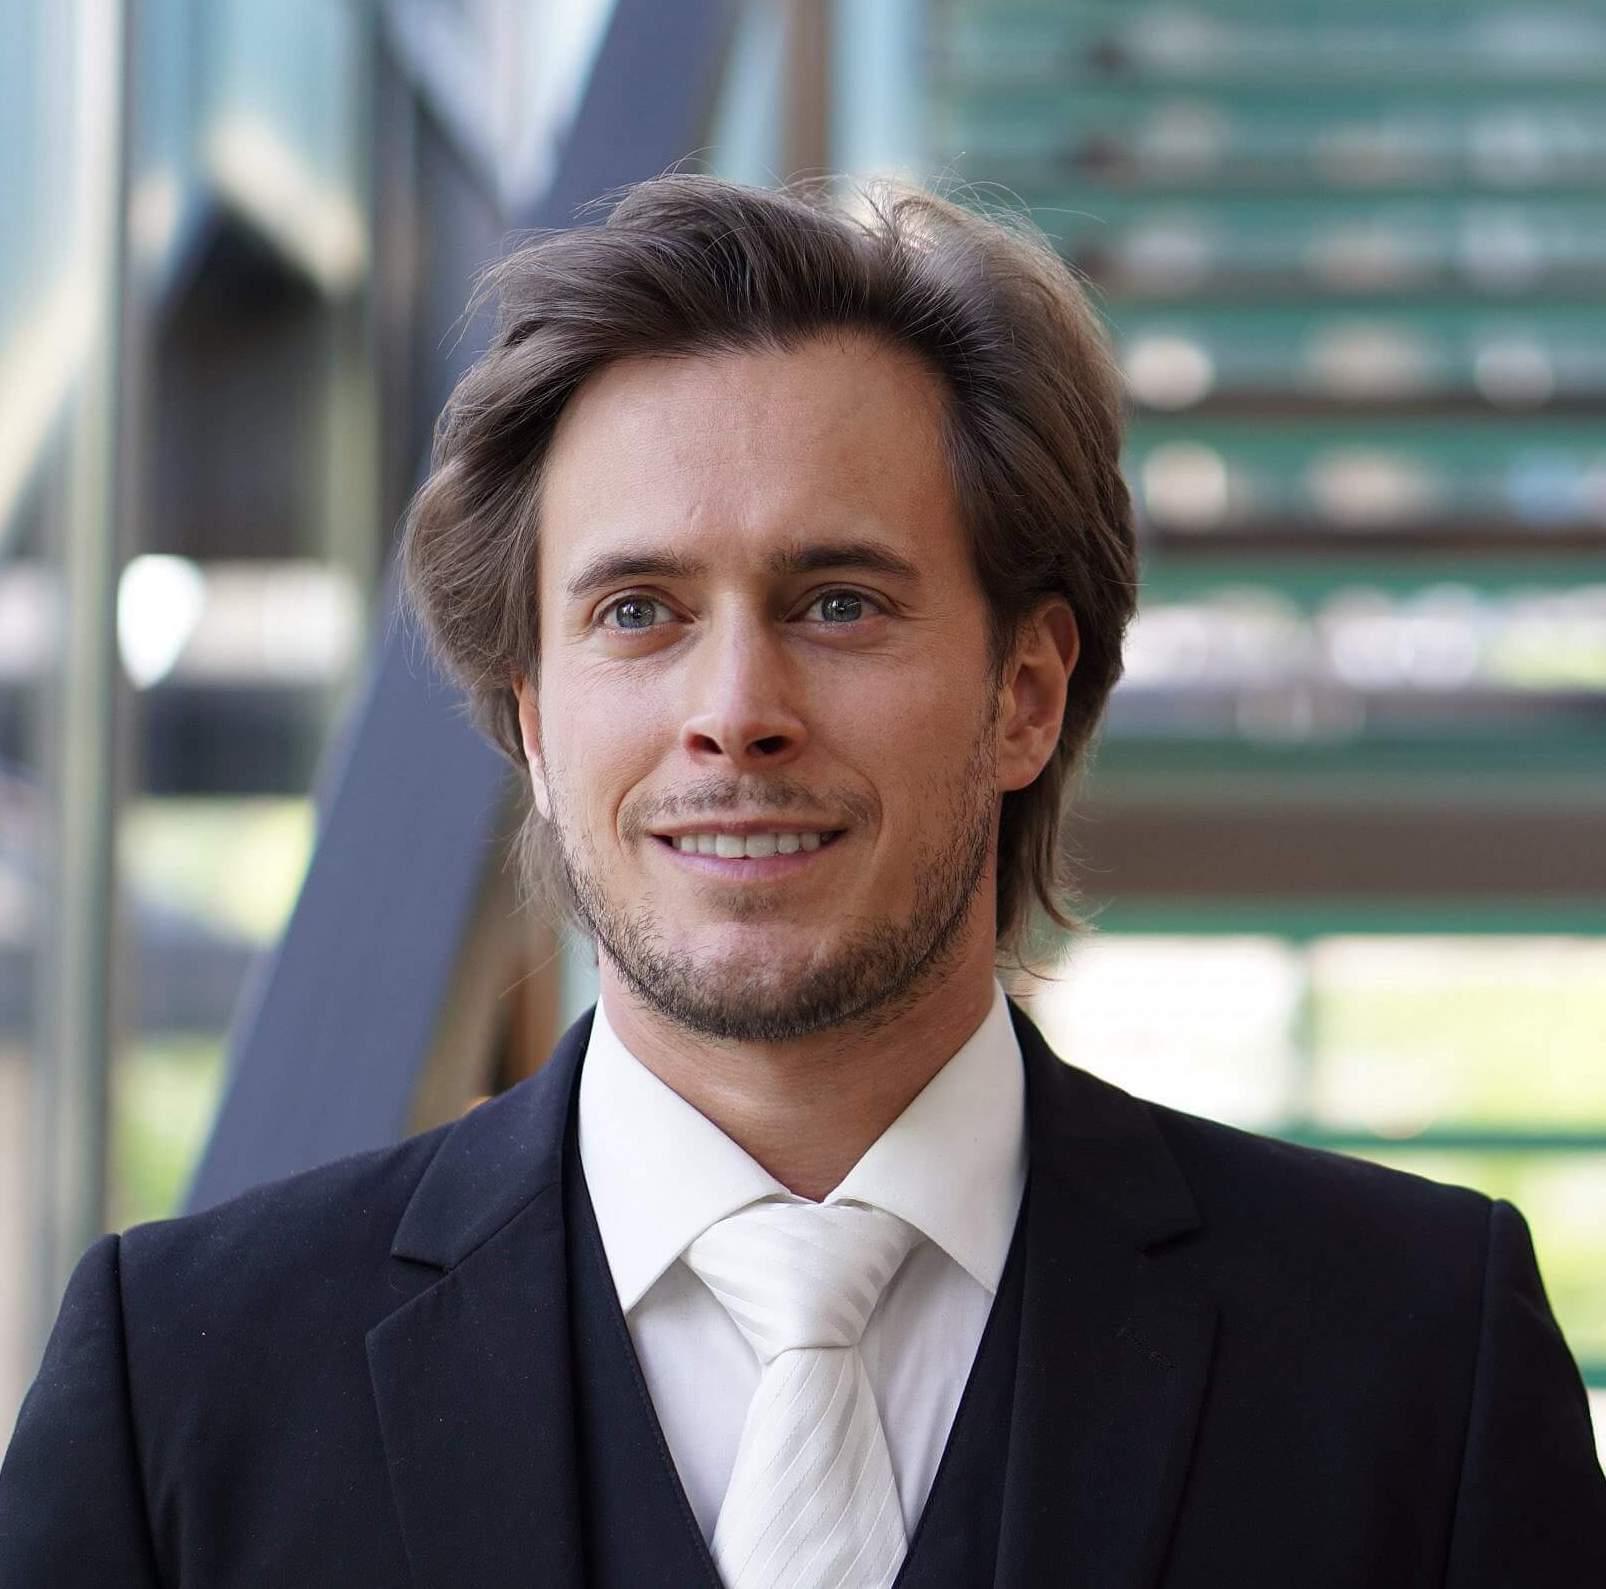 Frederik Baldus